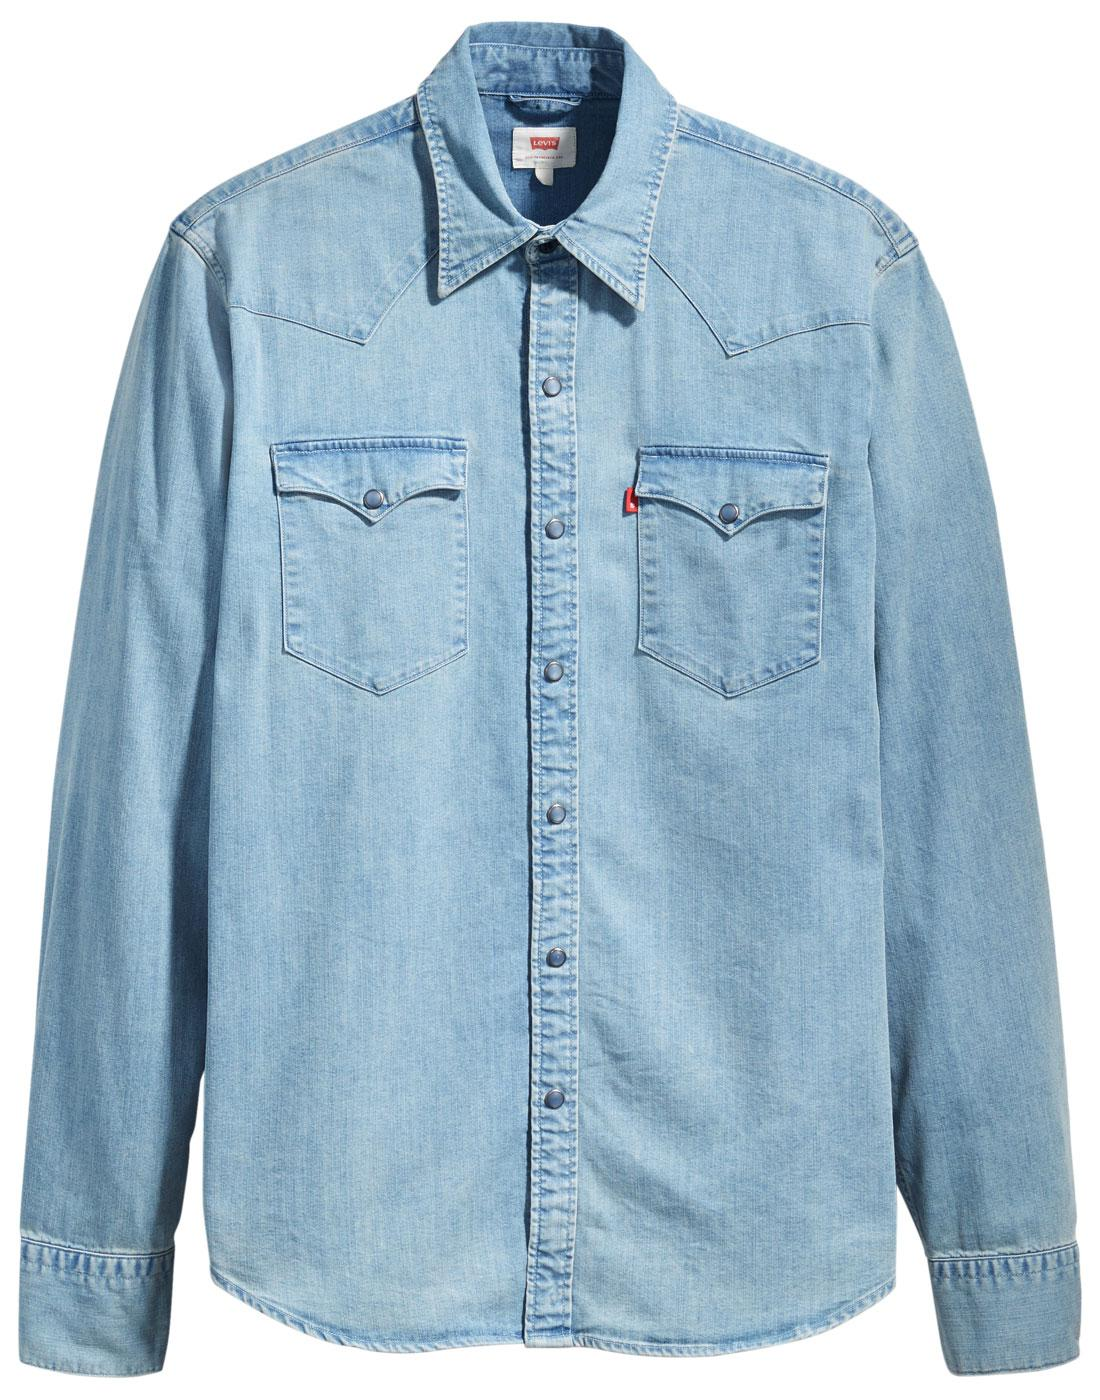 2fed1869871 LEVI S Barstow Retro Brooklyn Stretch Denim Western Shirt